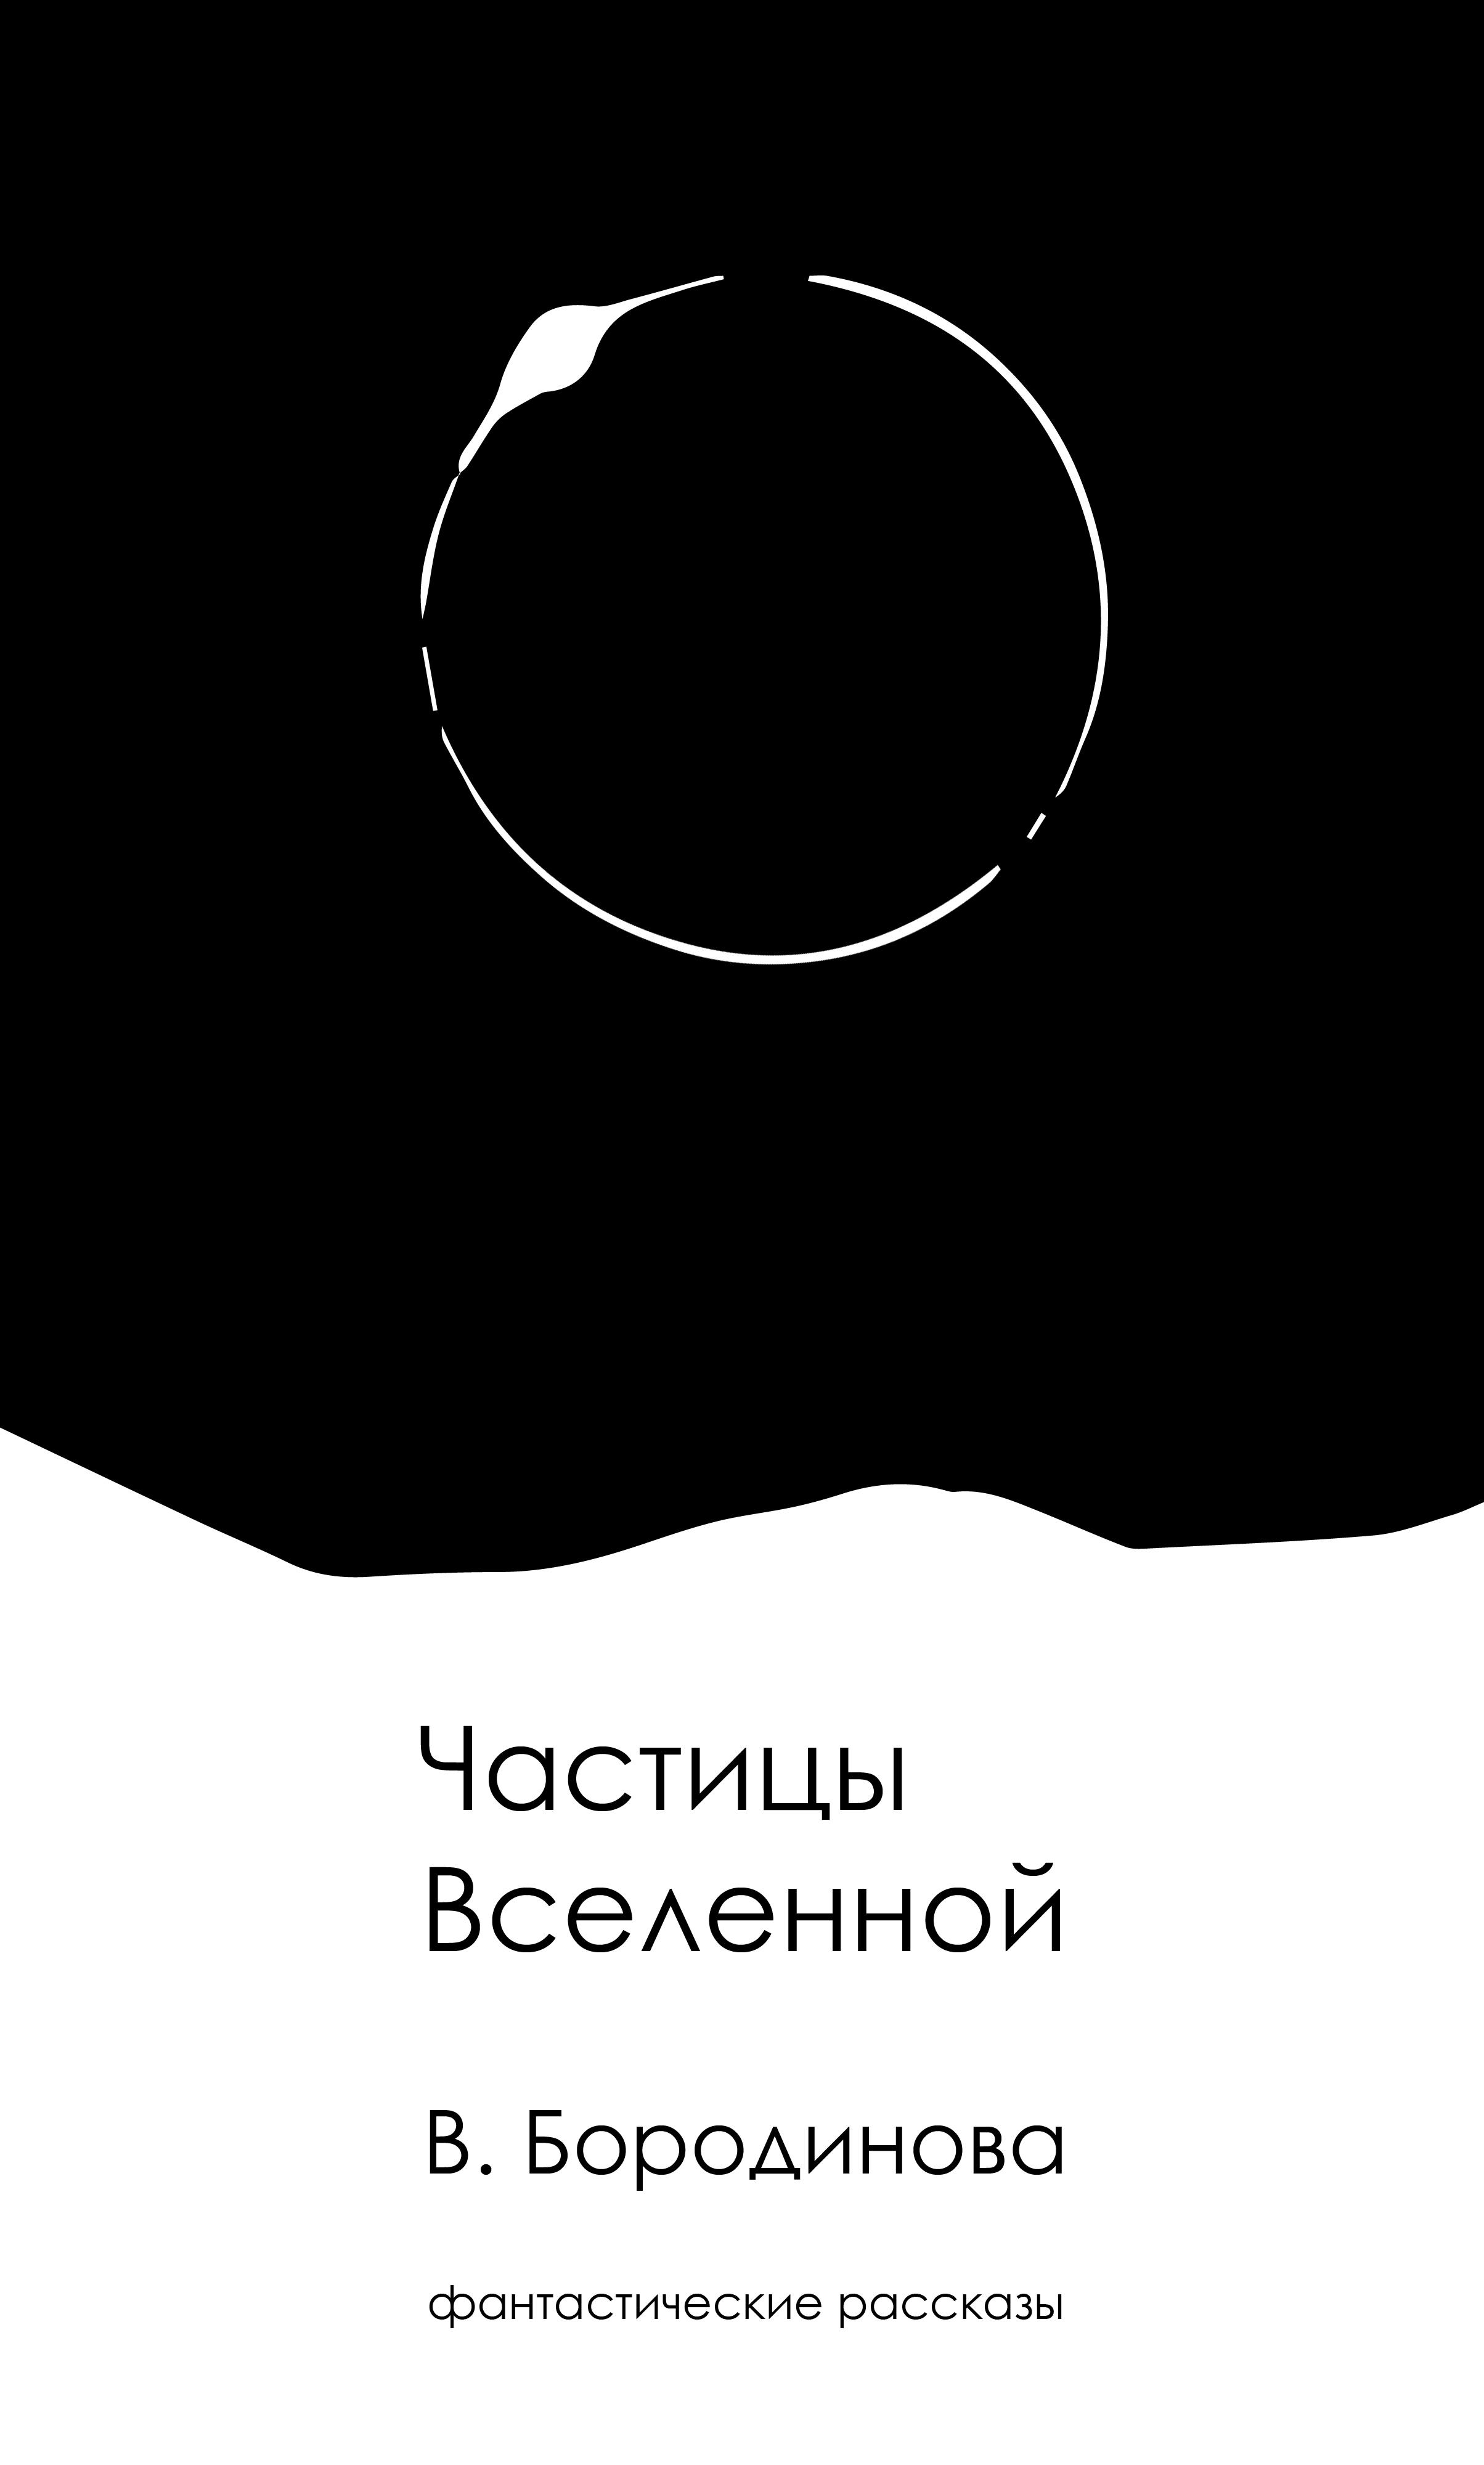 обложка4 copy